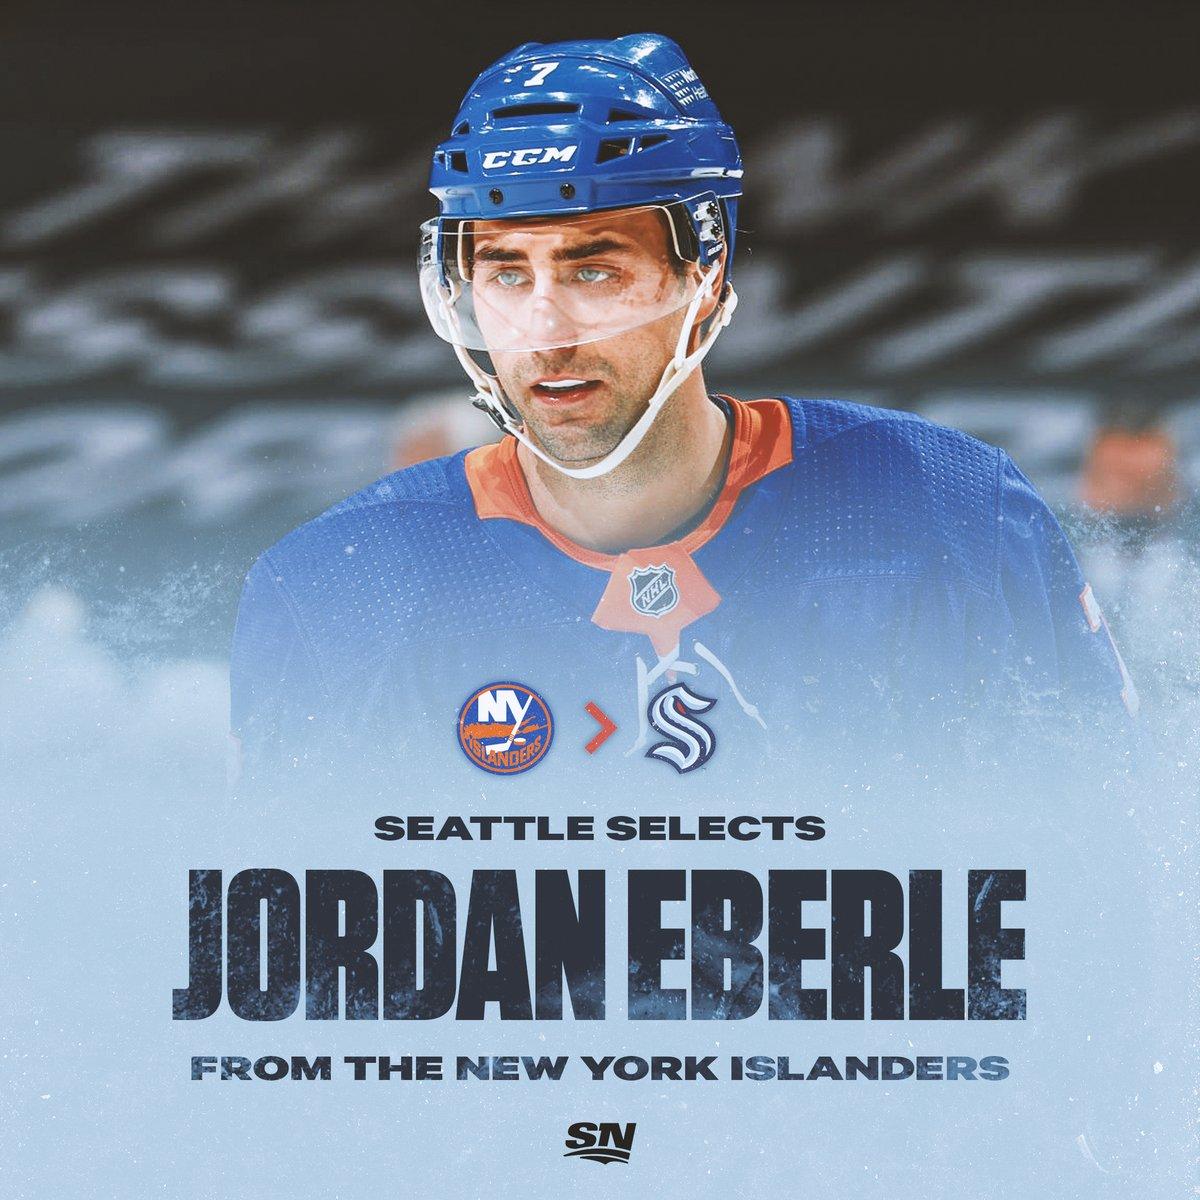 @Sportsnet's photo on Eberle